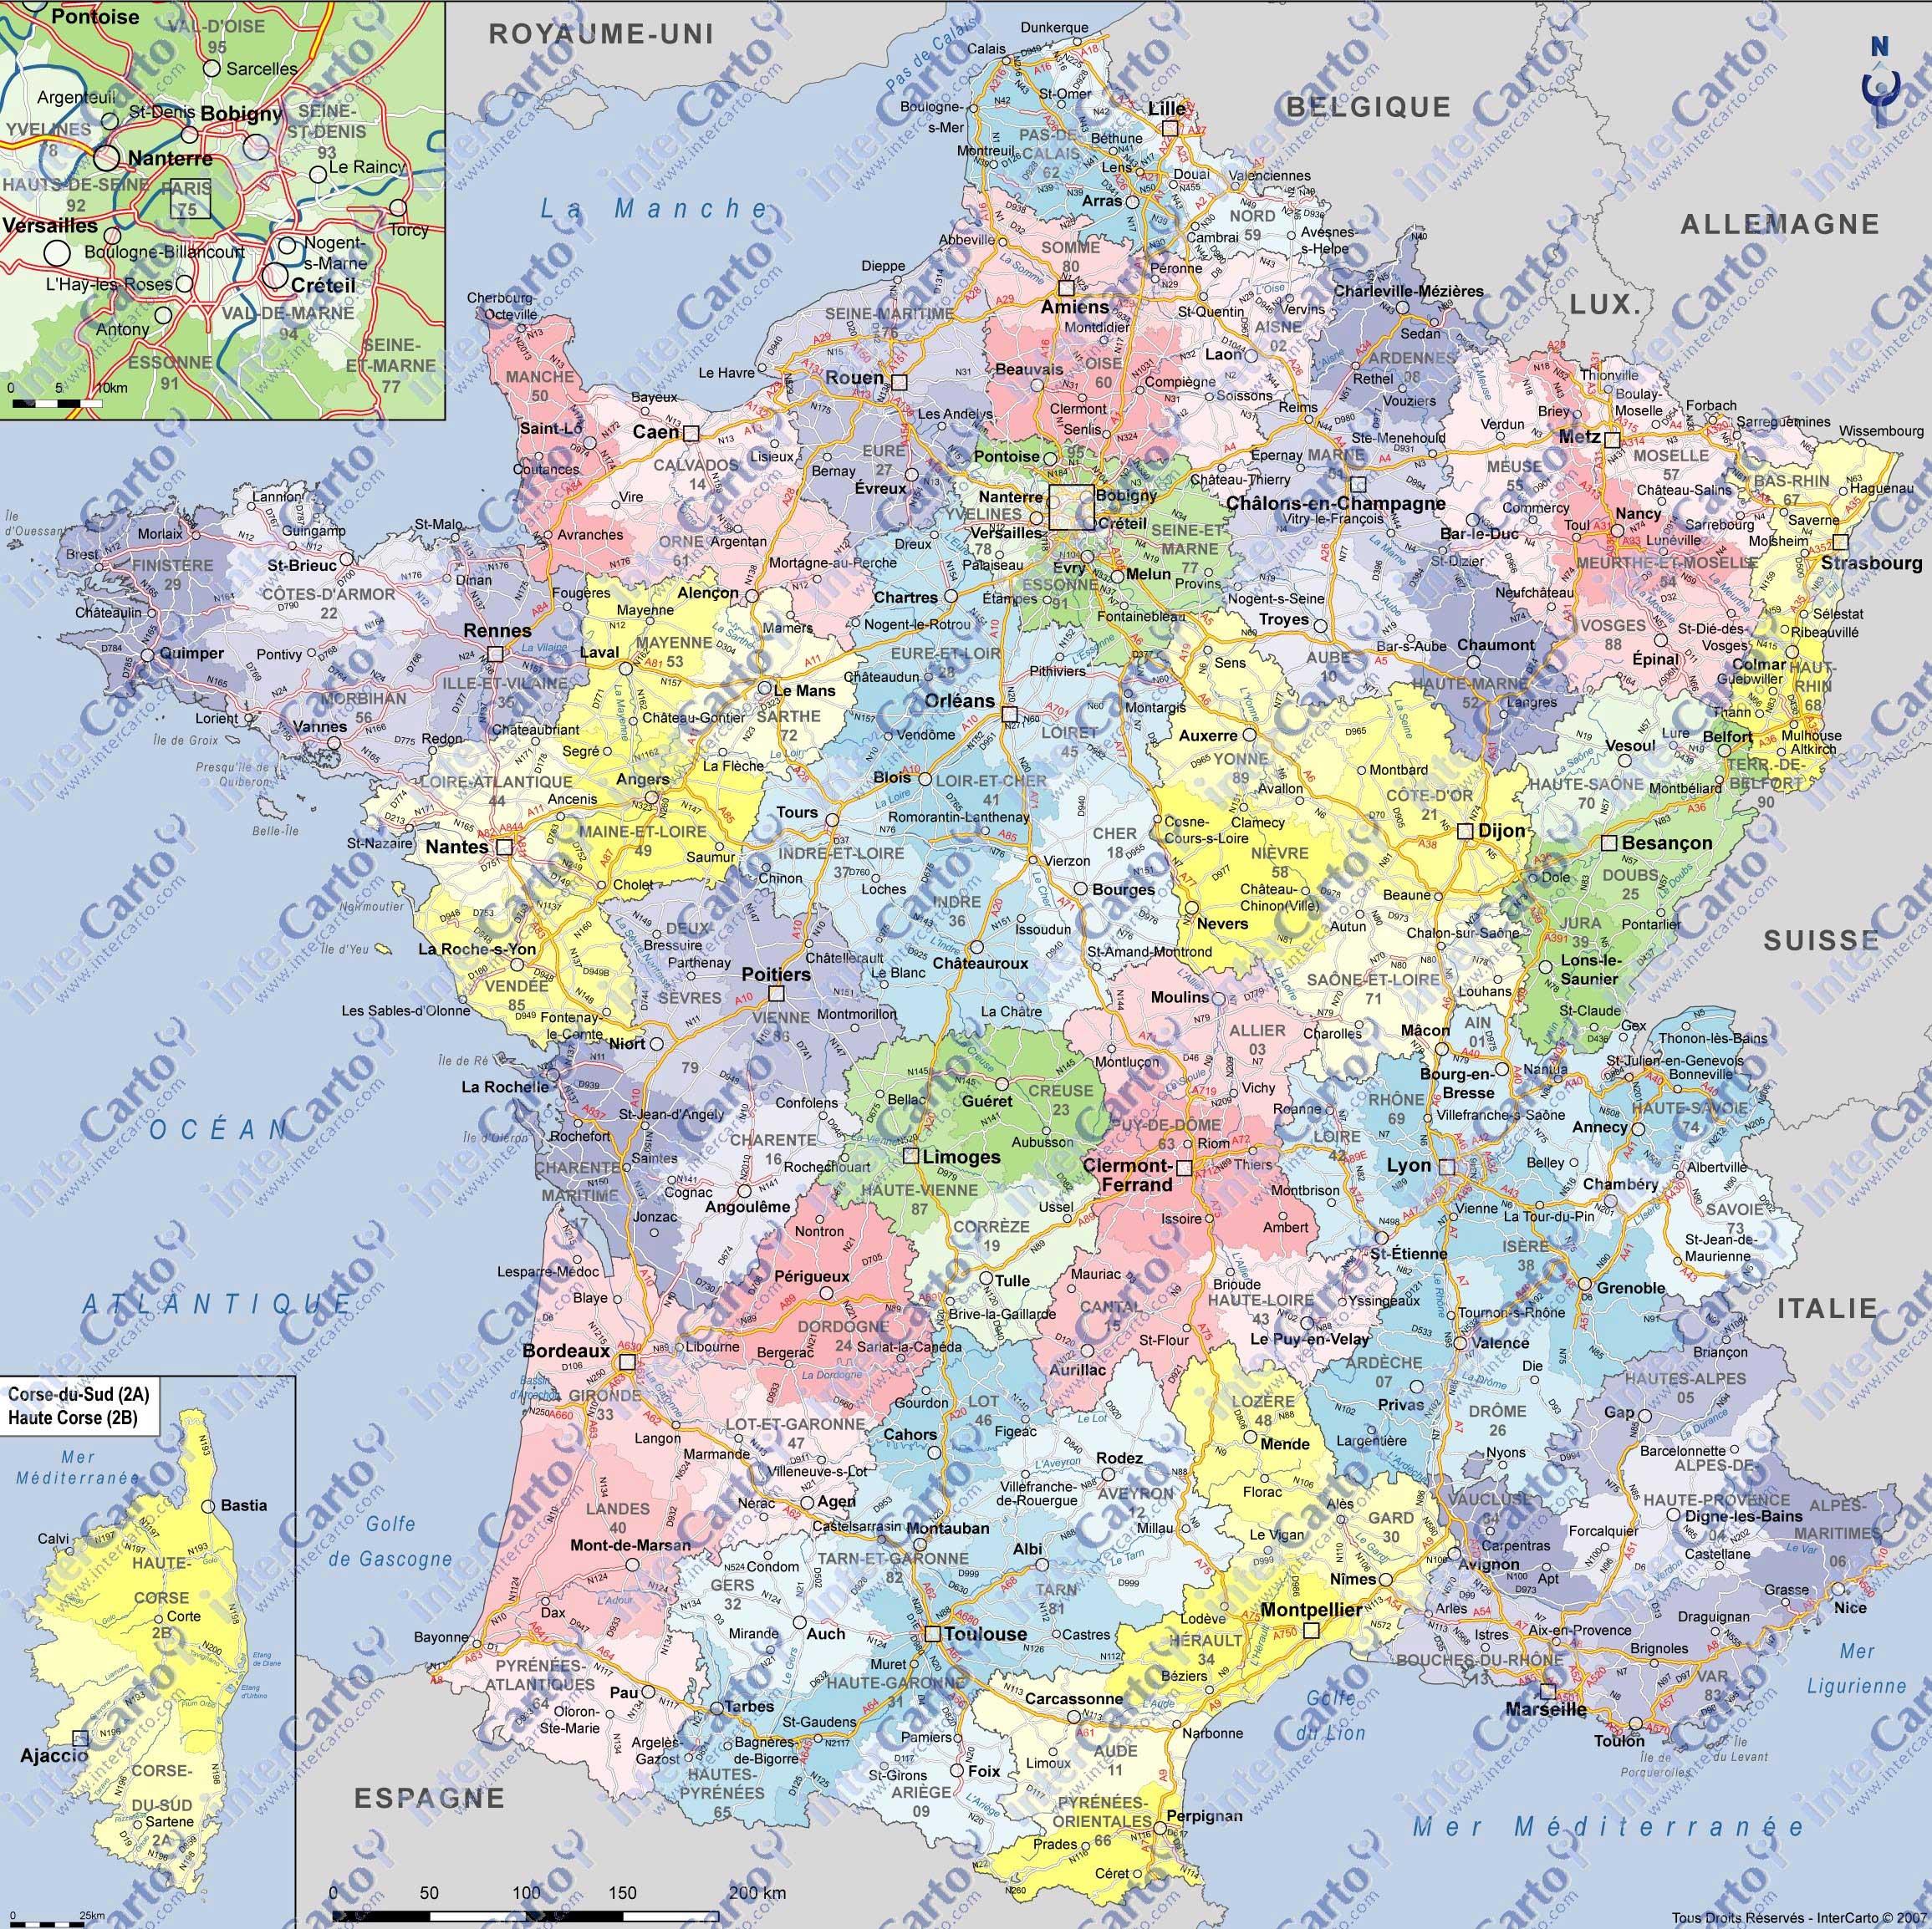 carte de france détaillée villes